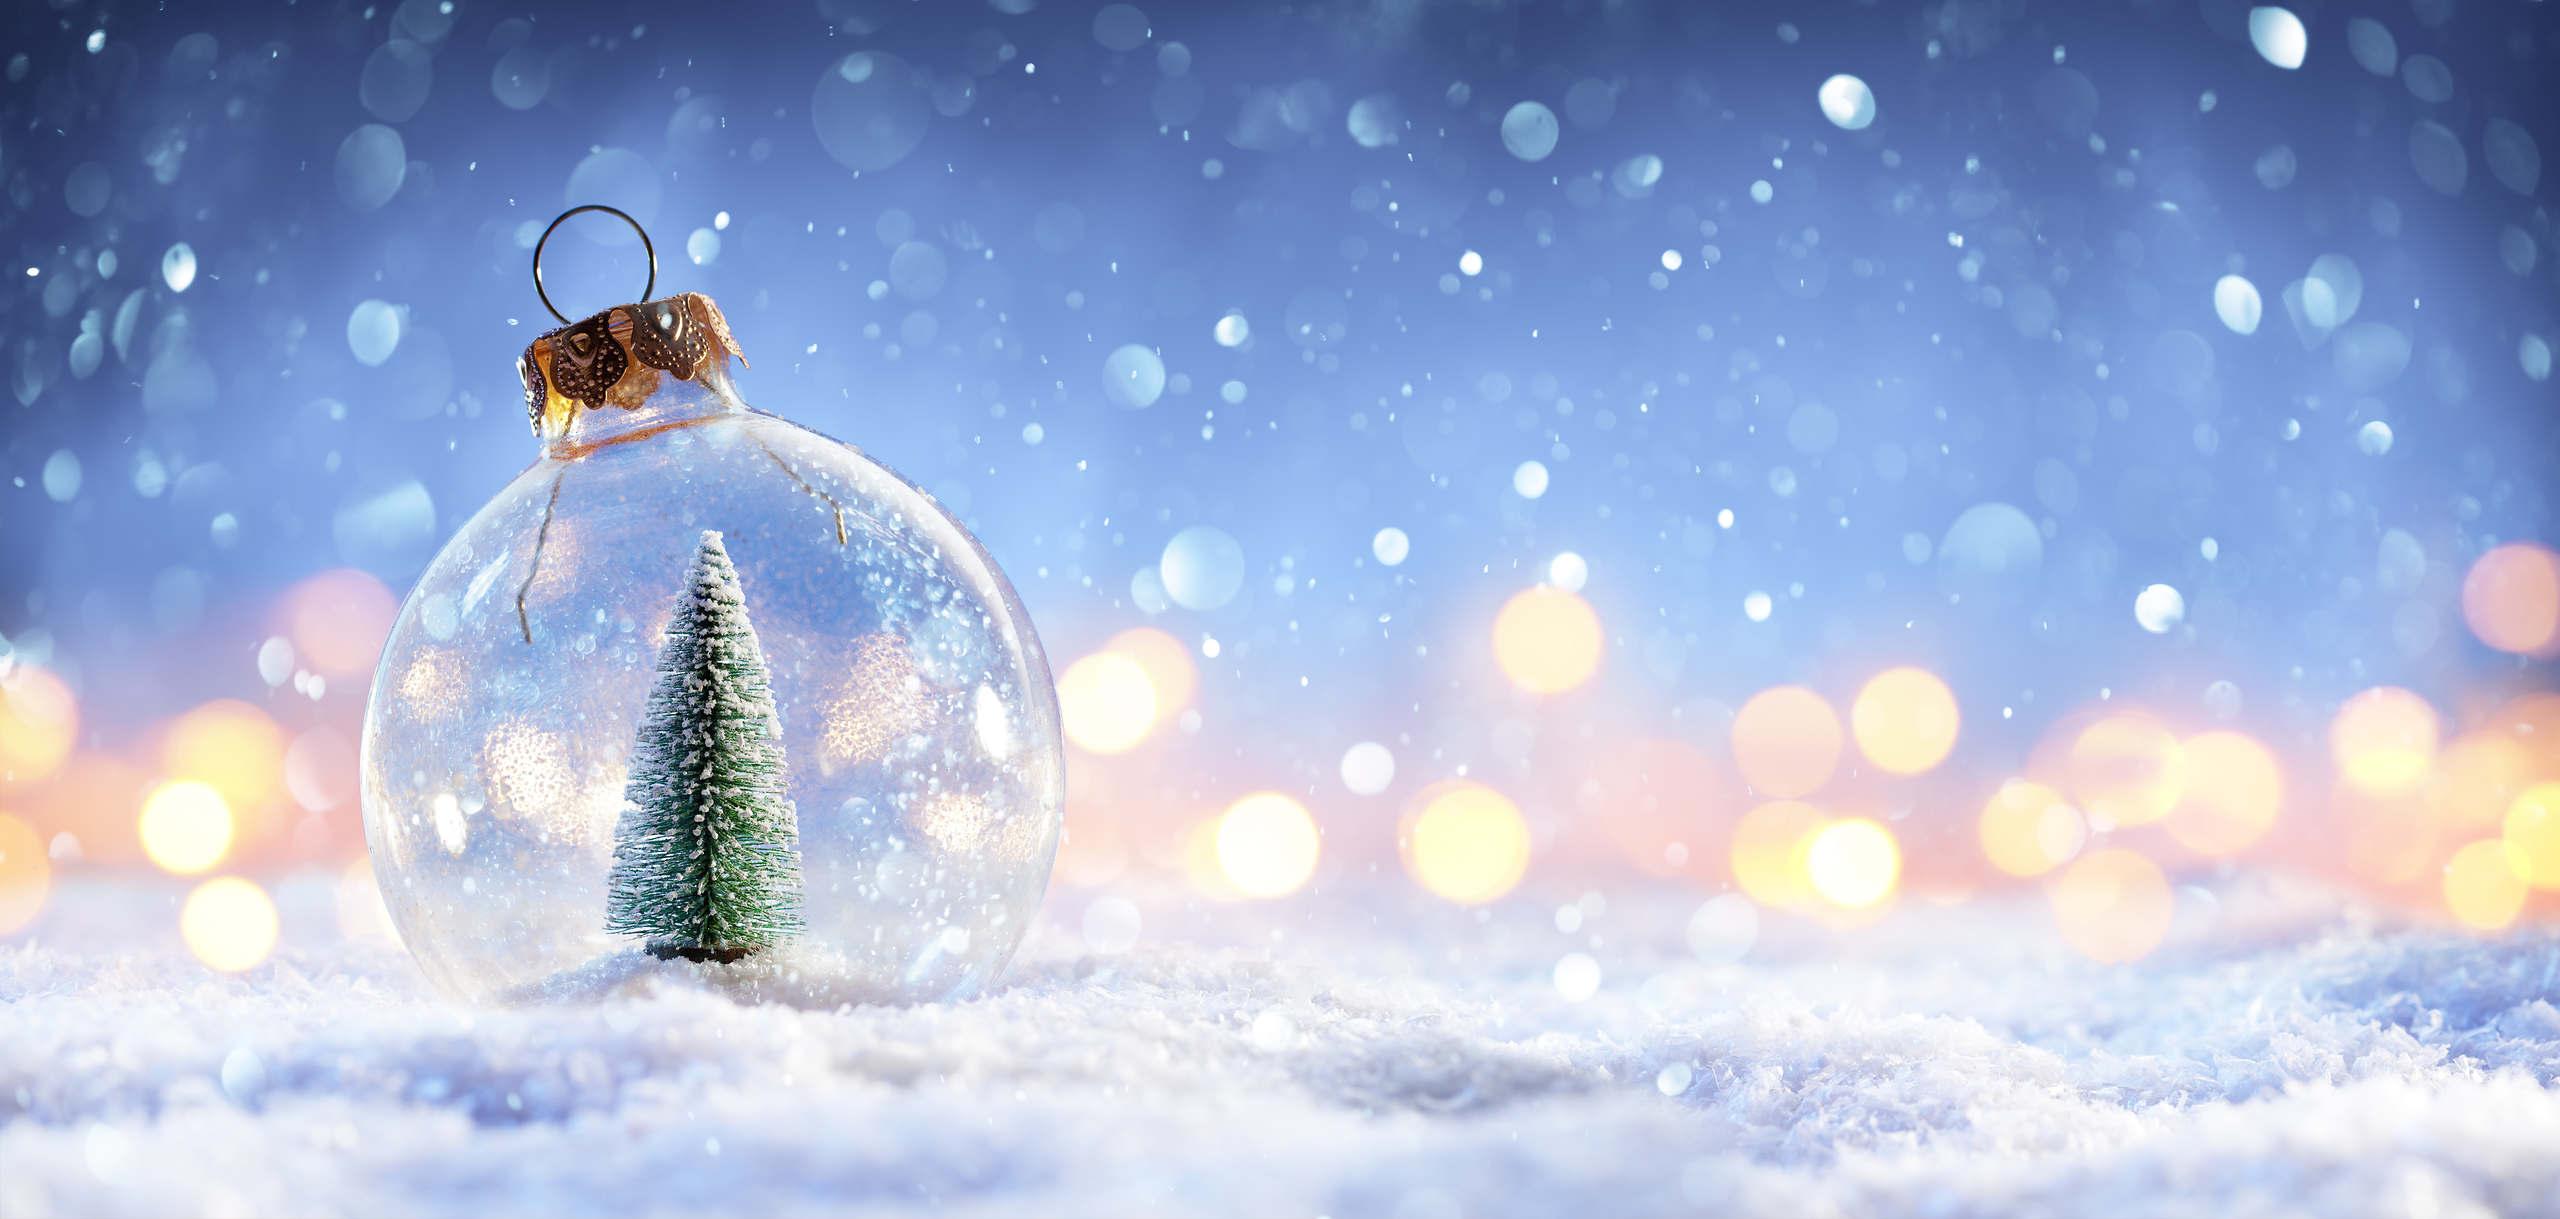 Genomskinlig julgranskula med en julgran ståendes i snö